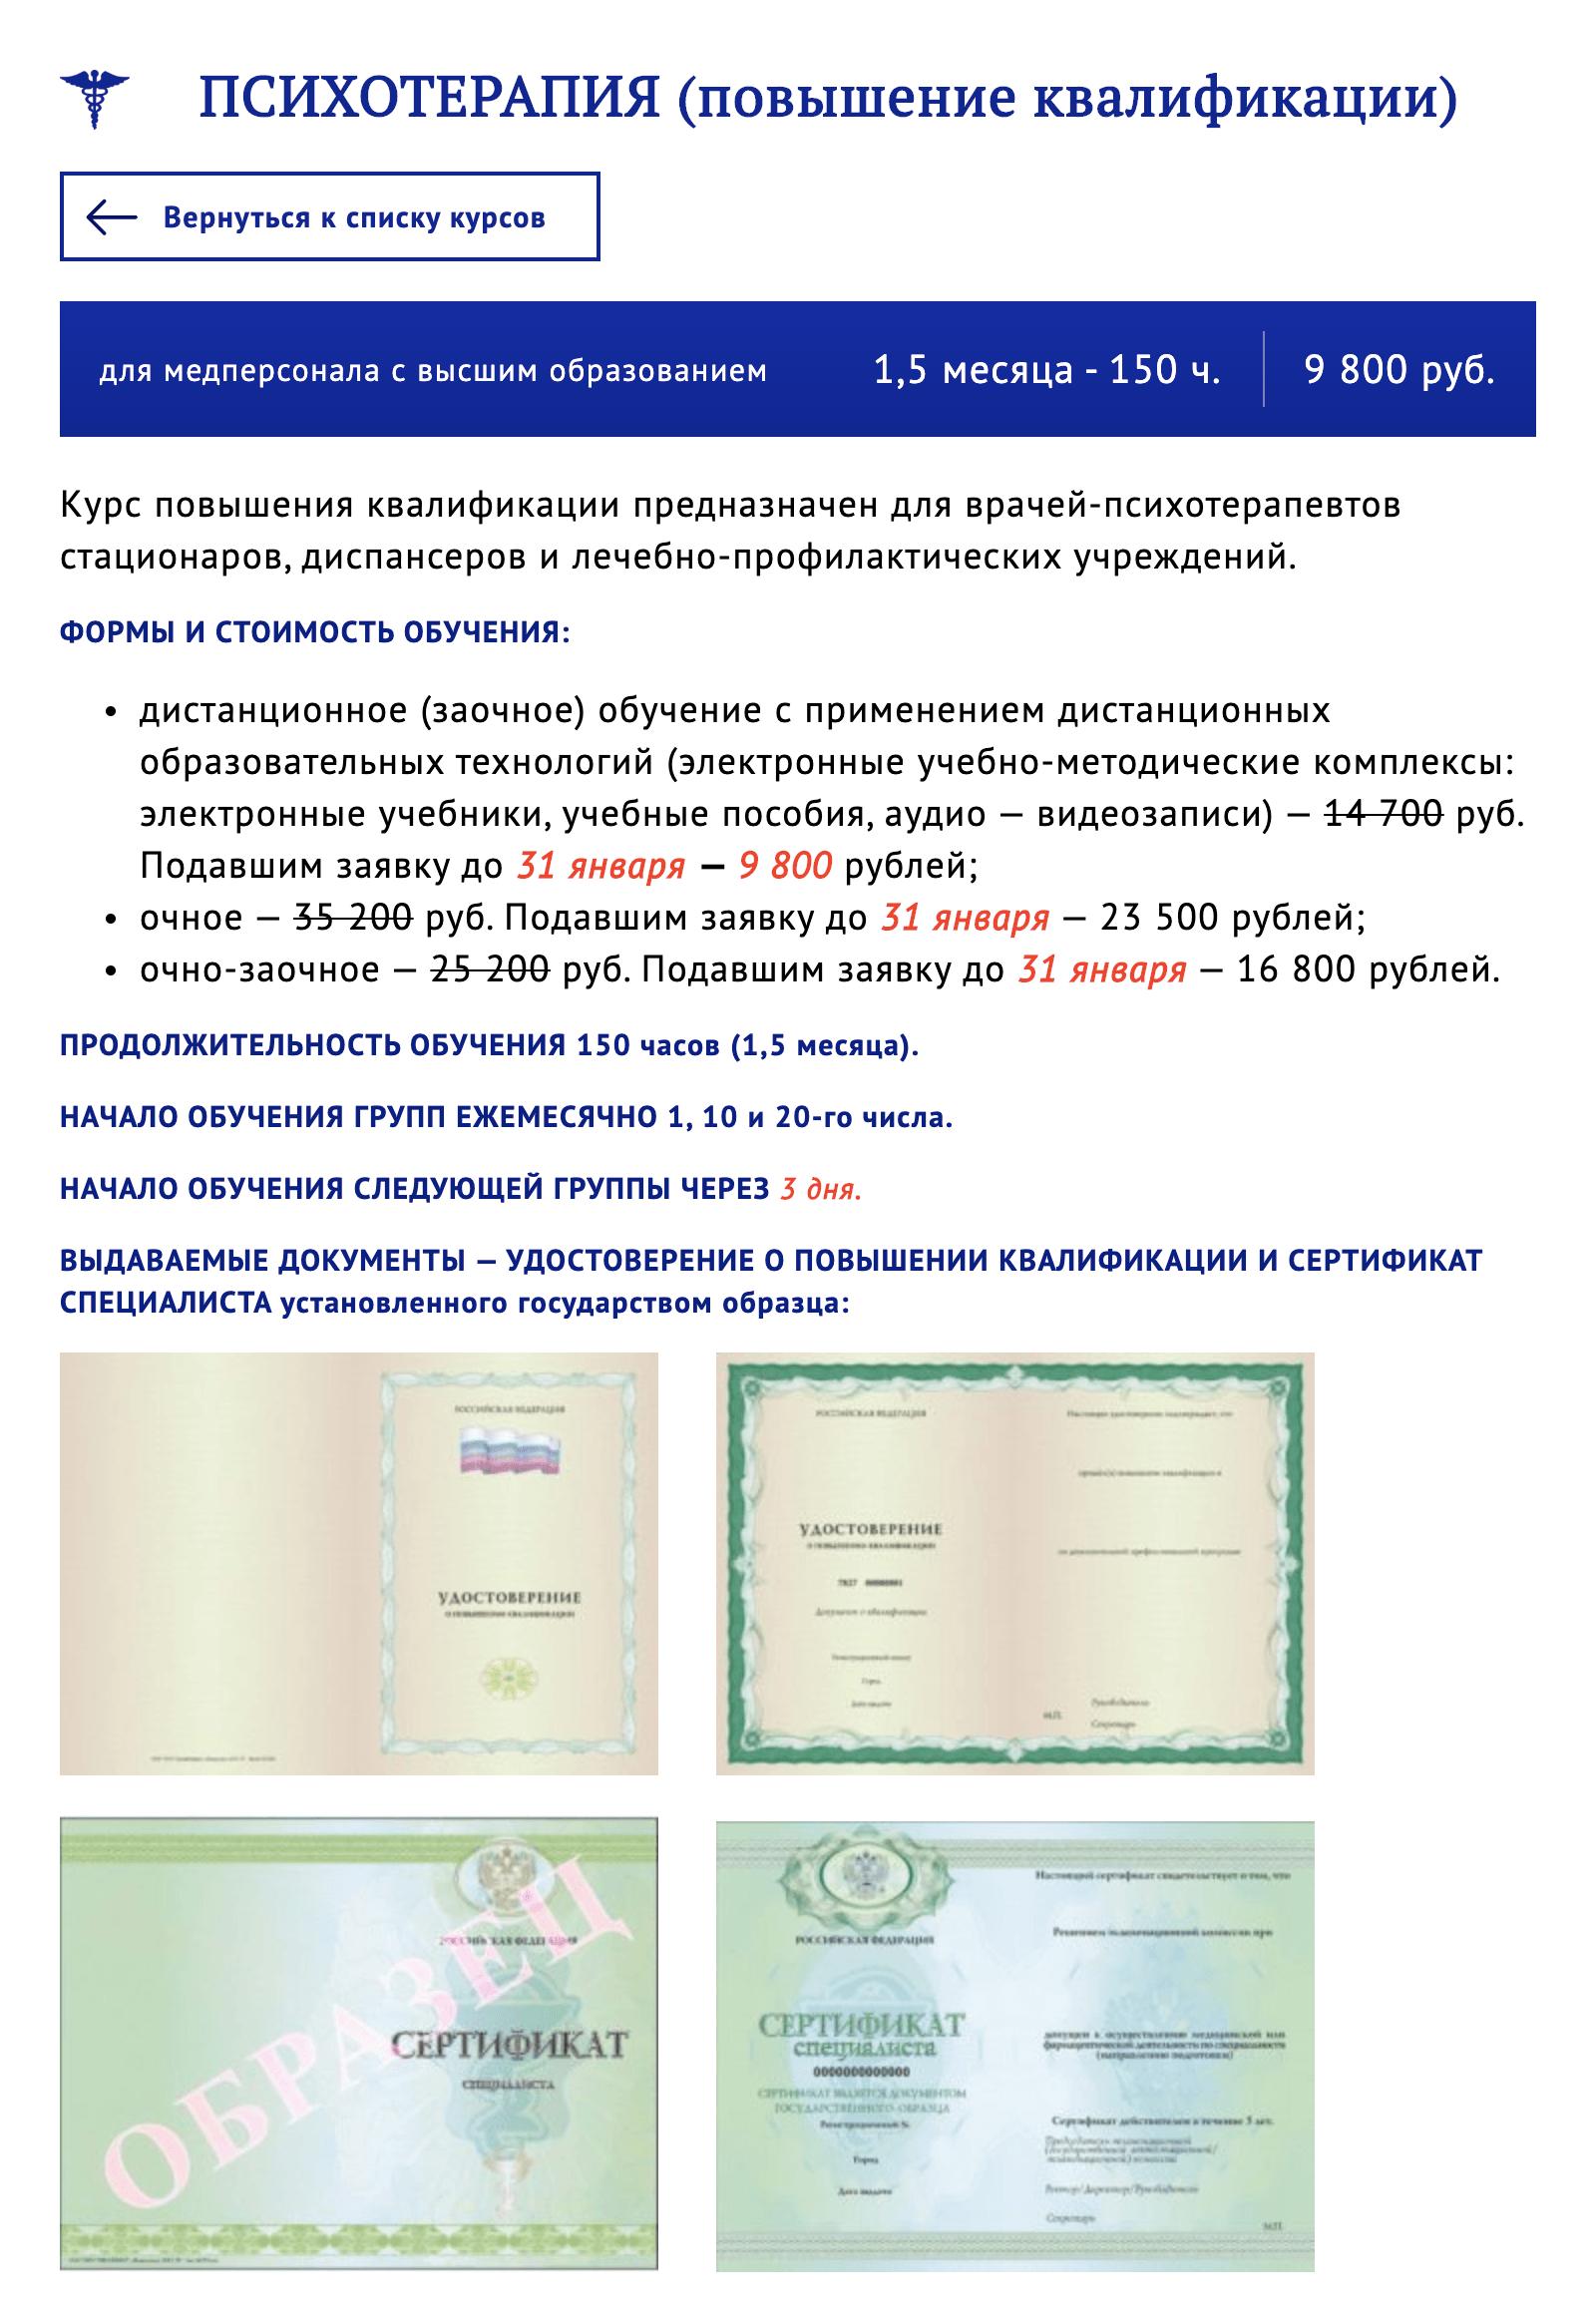 Стоимость повышения квалификации дляпсихотерапевтов в Санкт-Петербургском центре последипломного образования медицинских работников